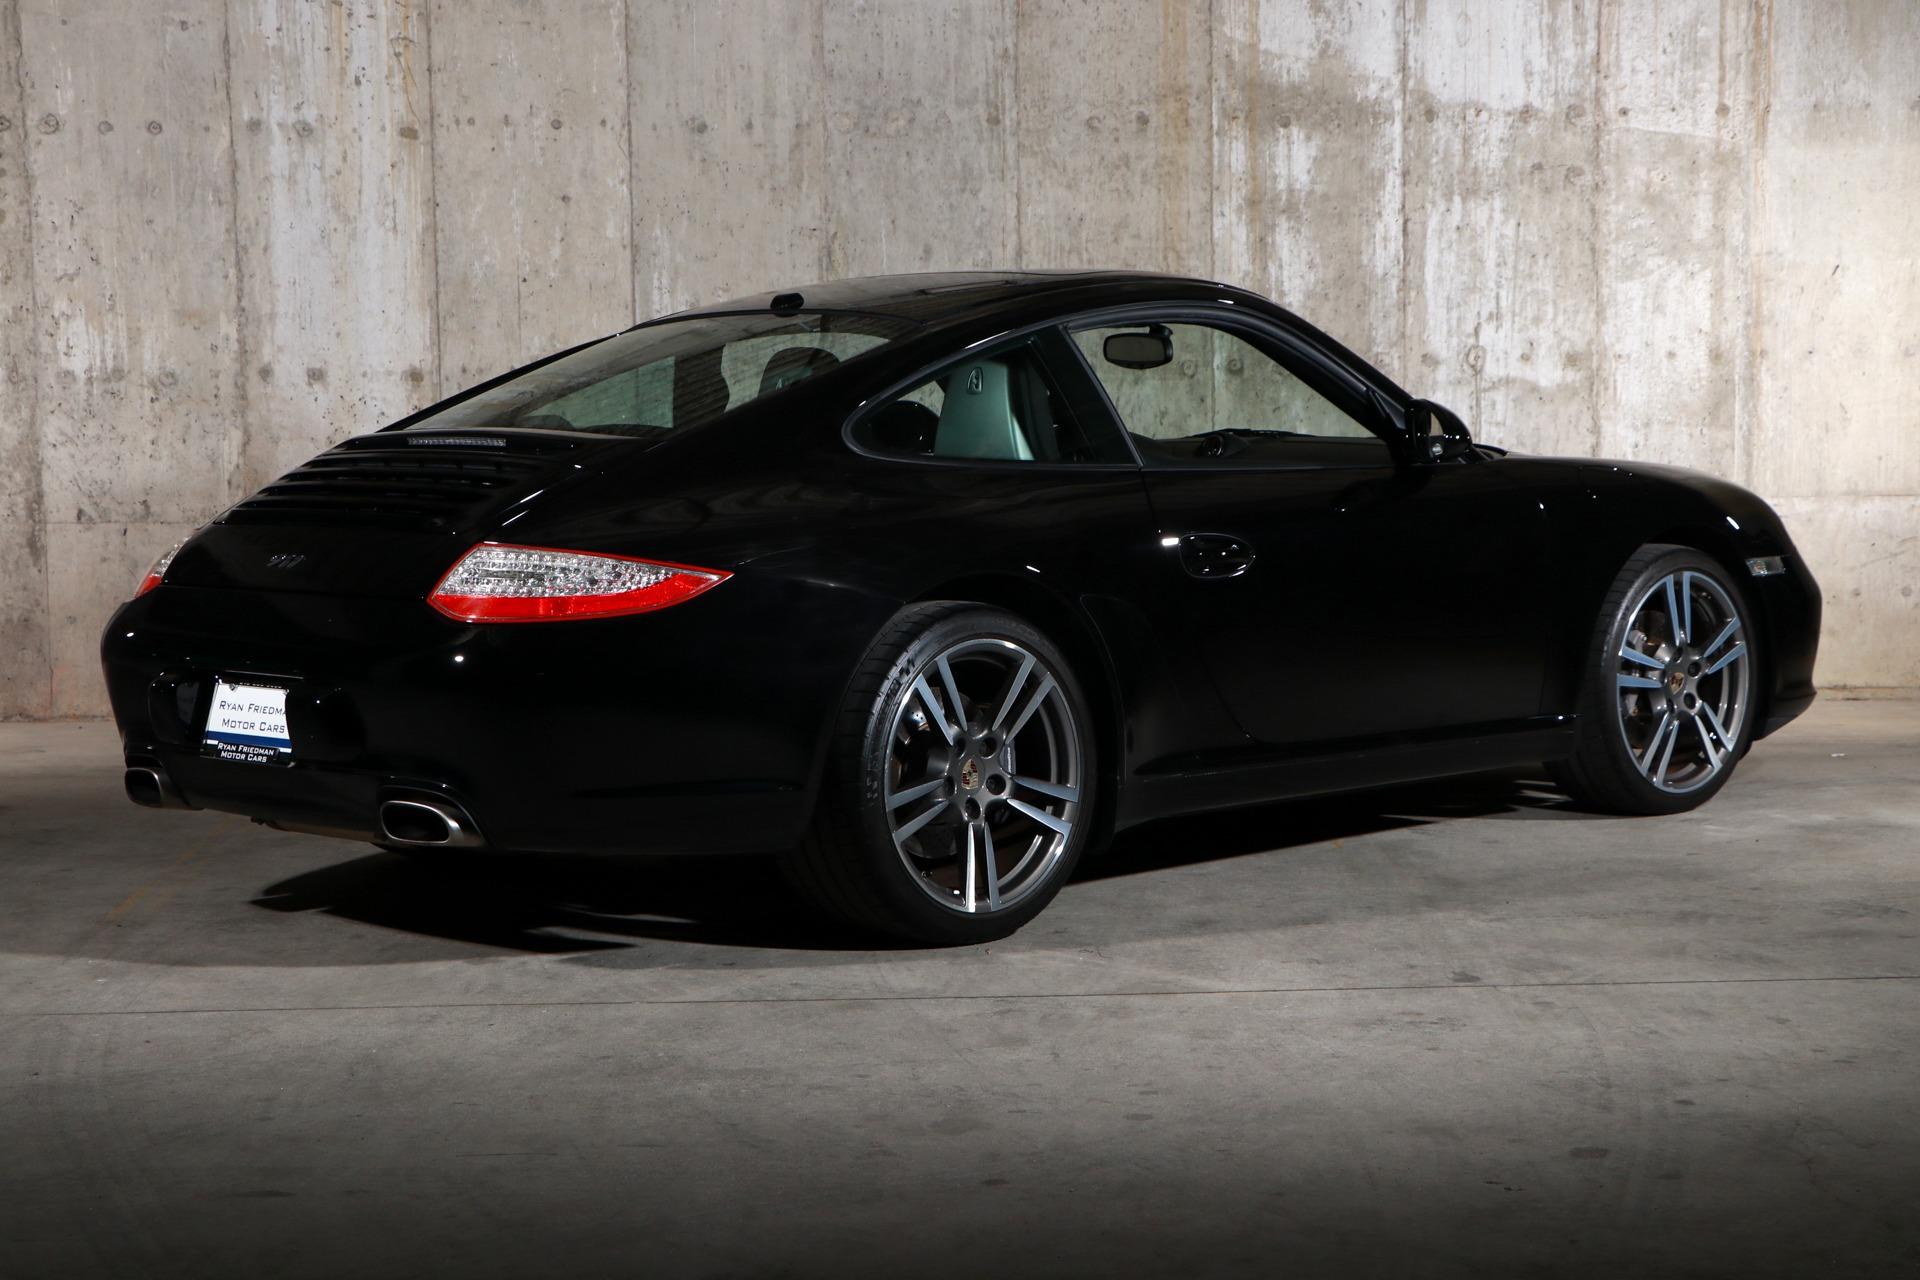 Used 2012 Porsche 911 Black Edition   Glen Cove, NY